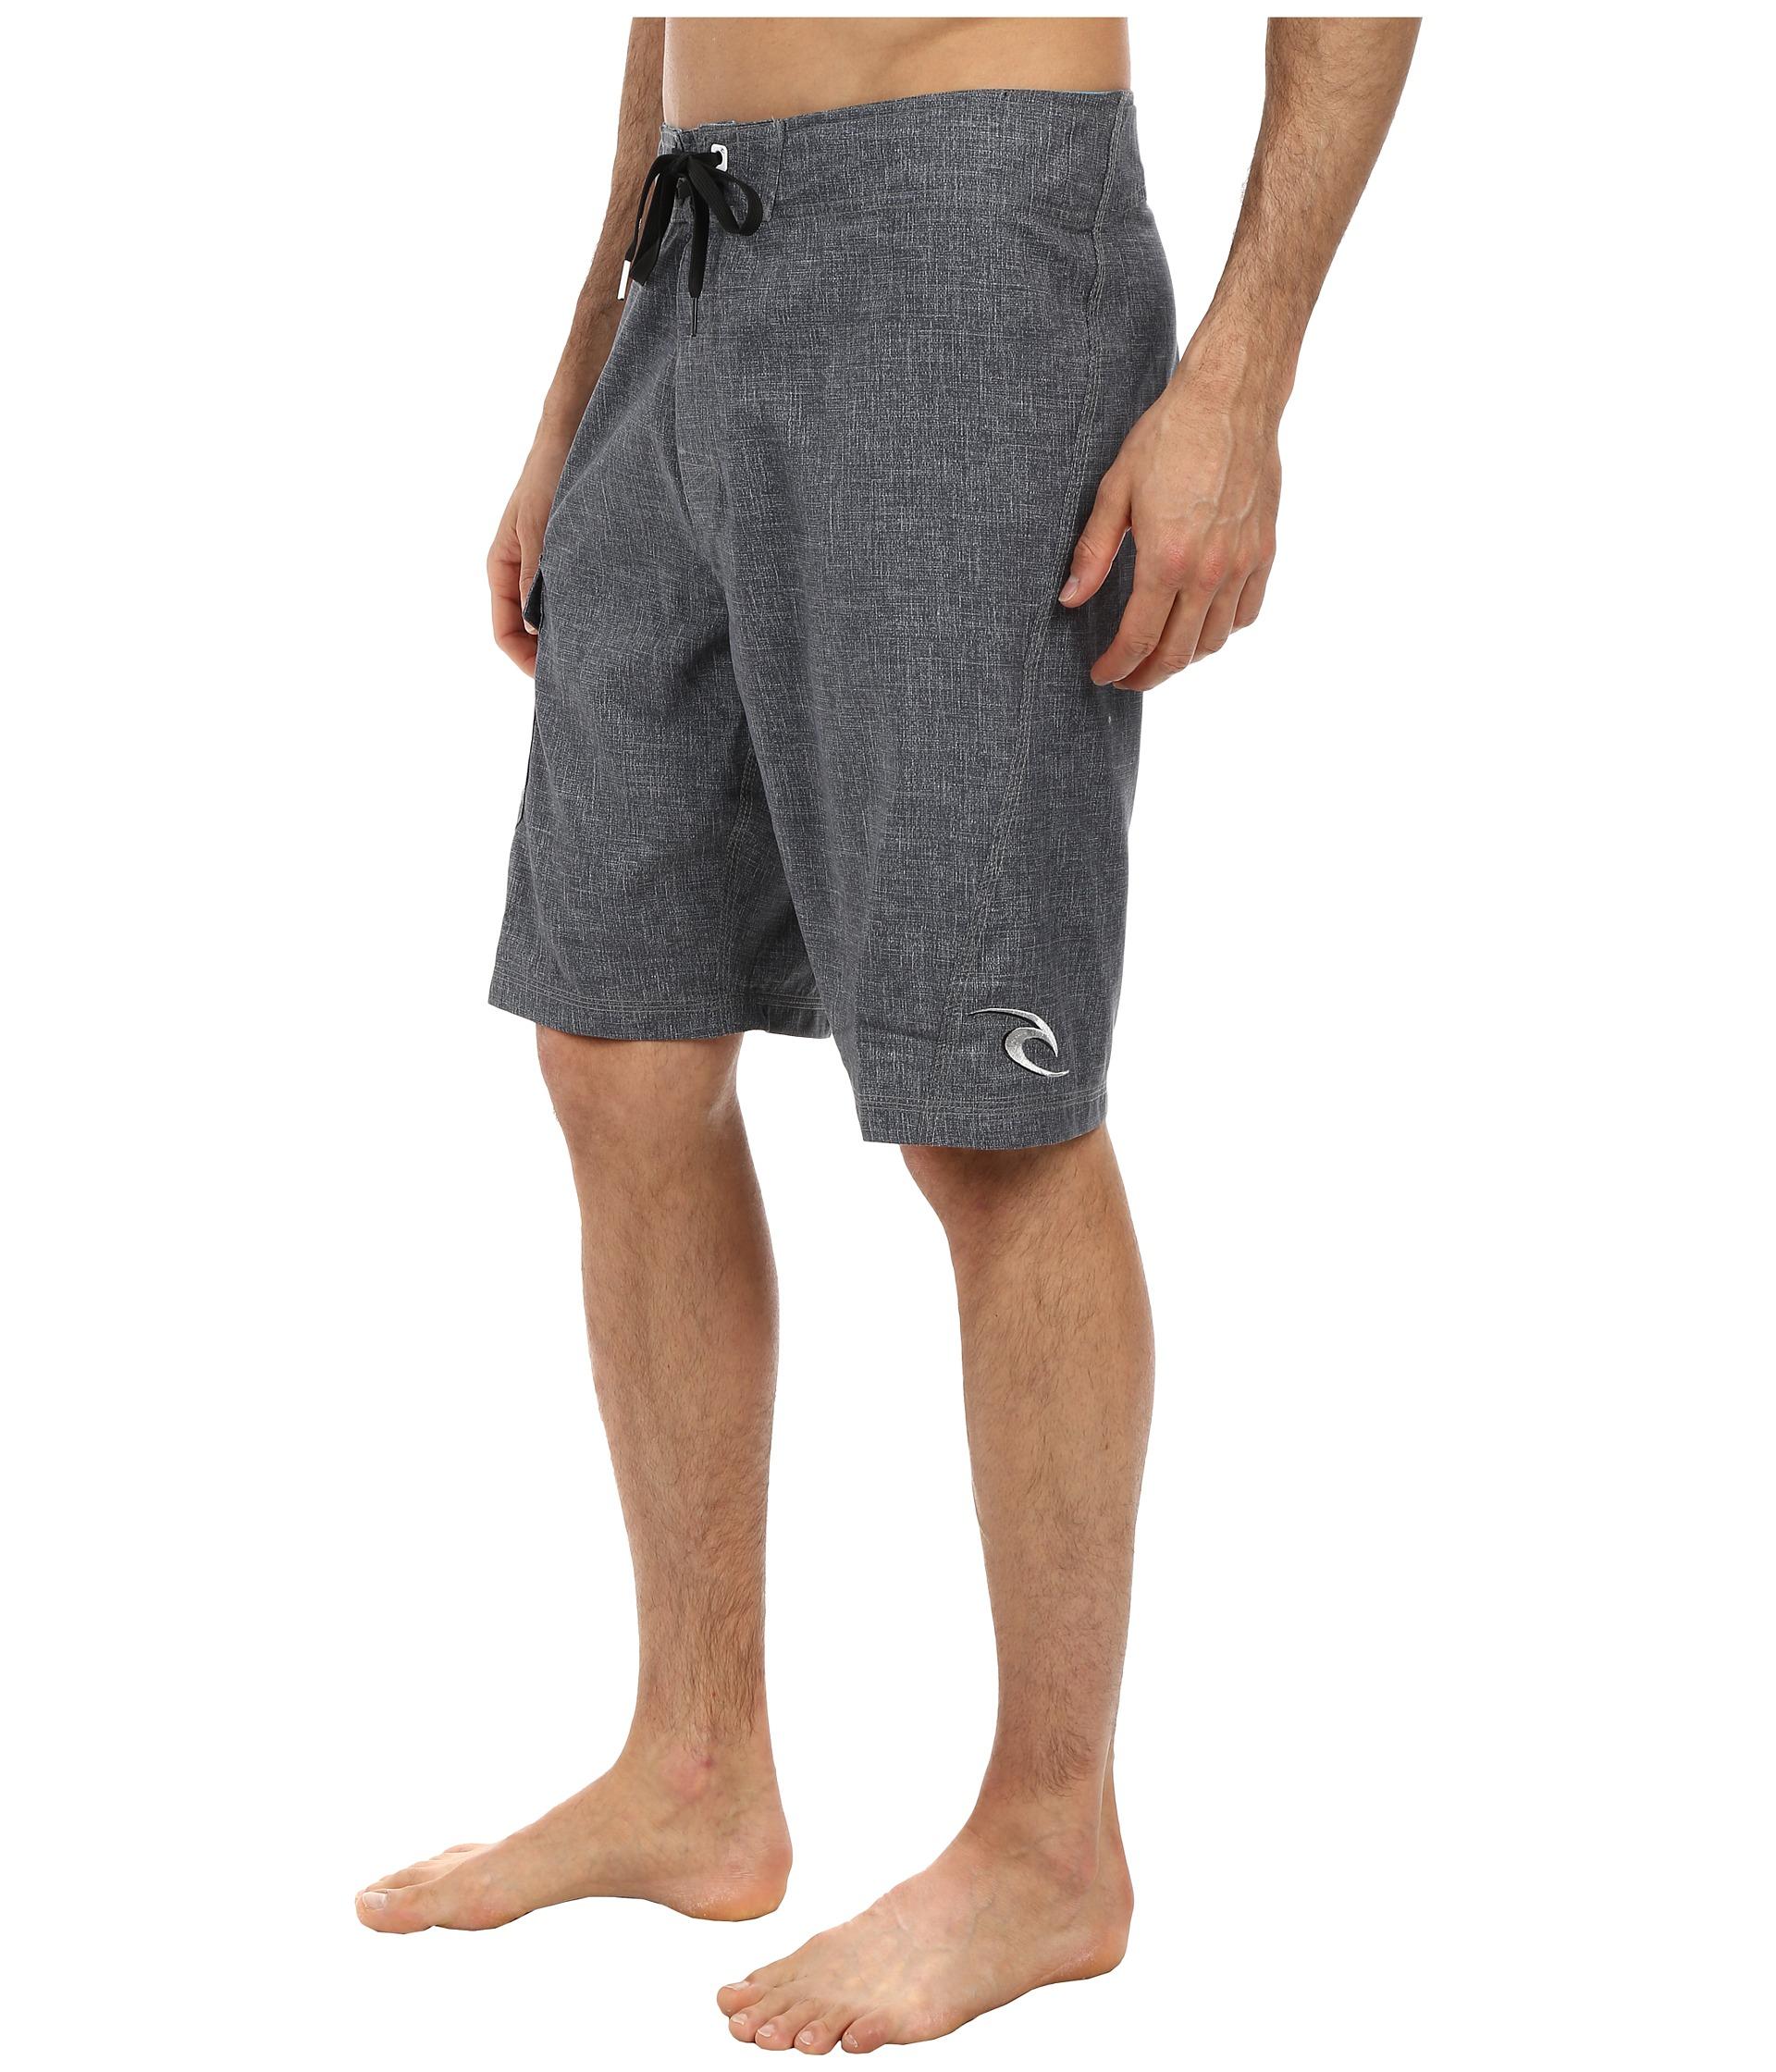 2994f820c73ef Rip Curl Dawn Patrol Boardshorts in Gray for Men - Lyst